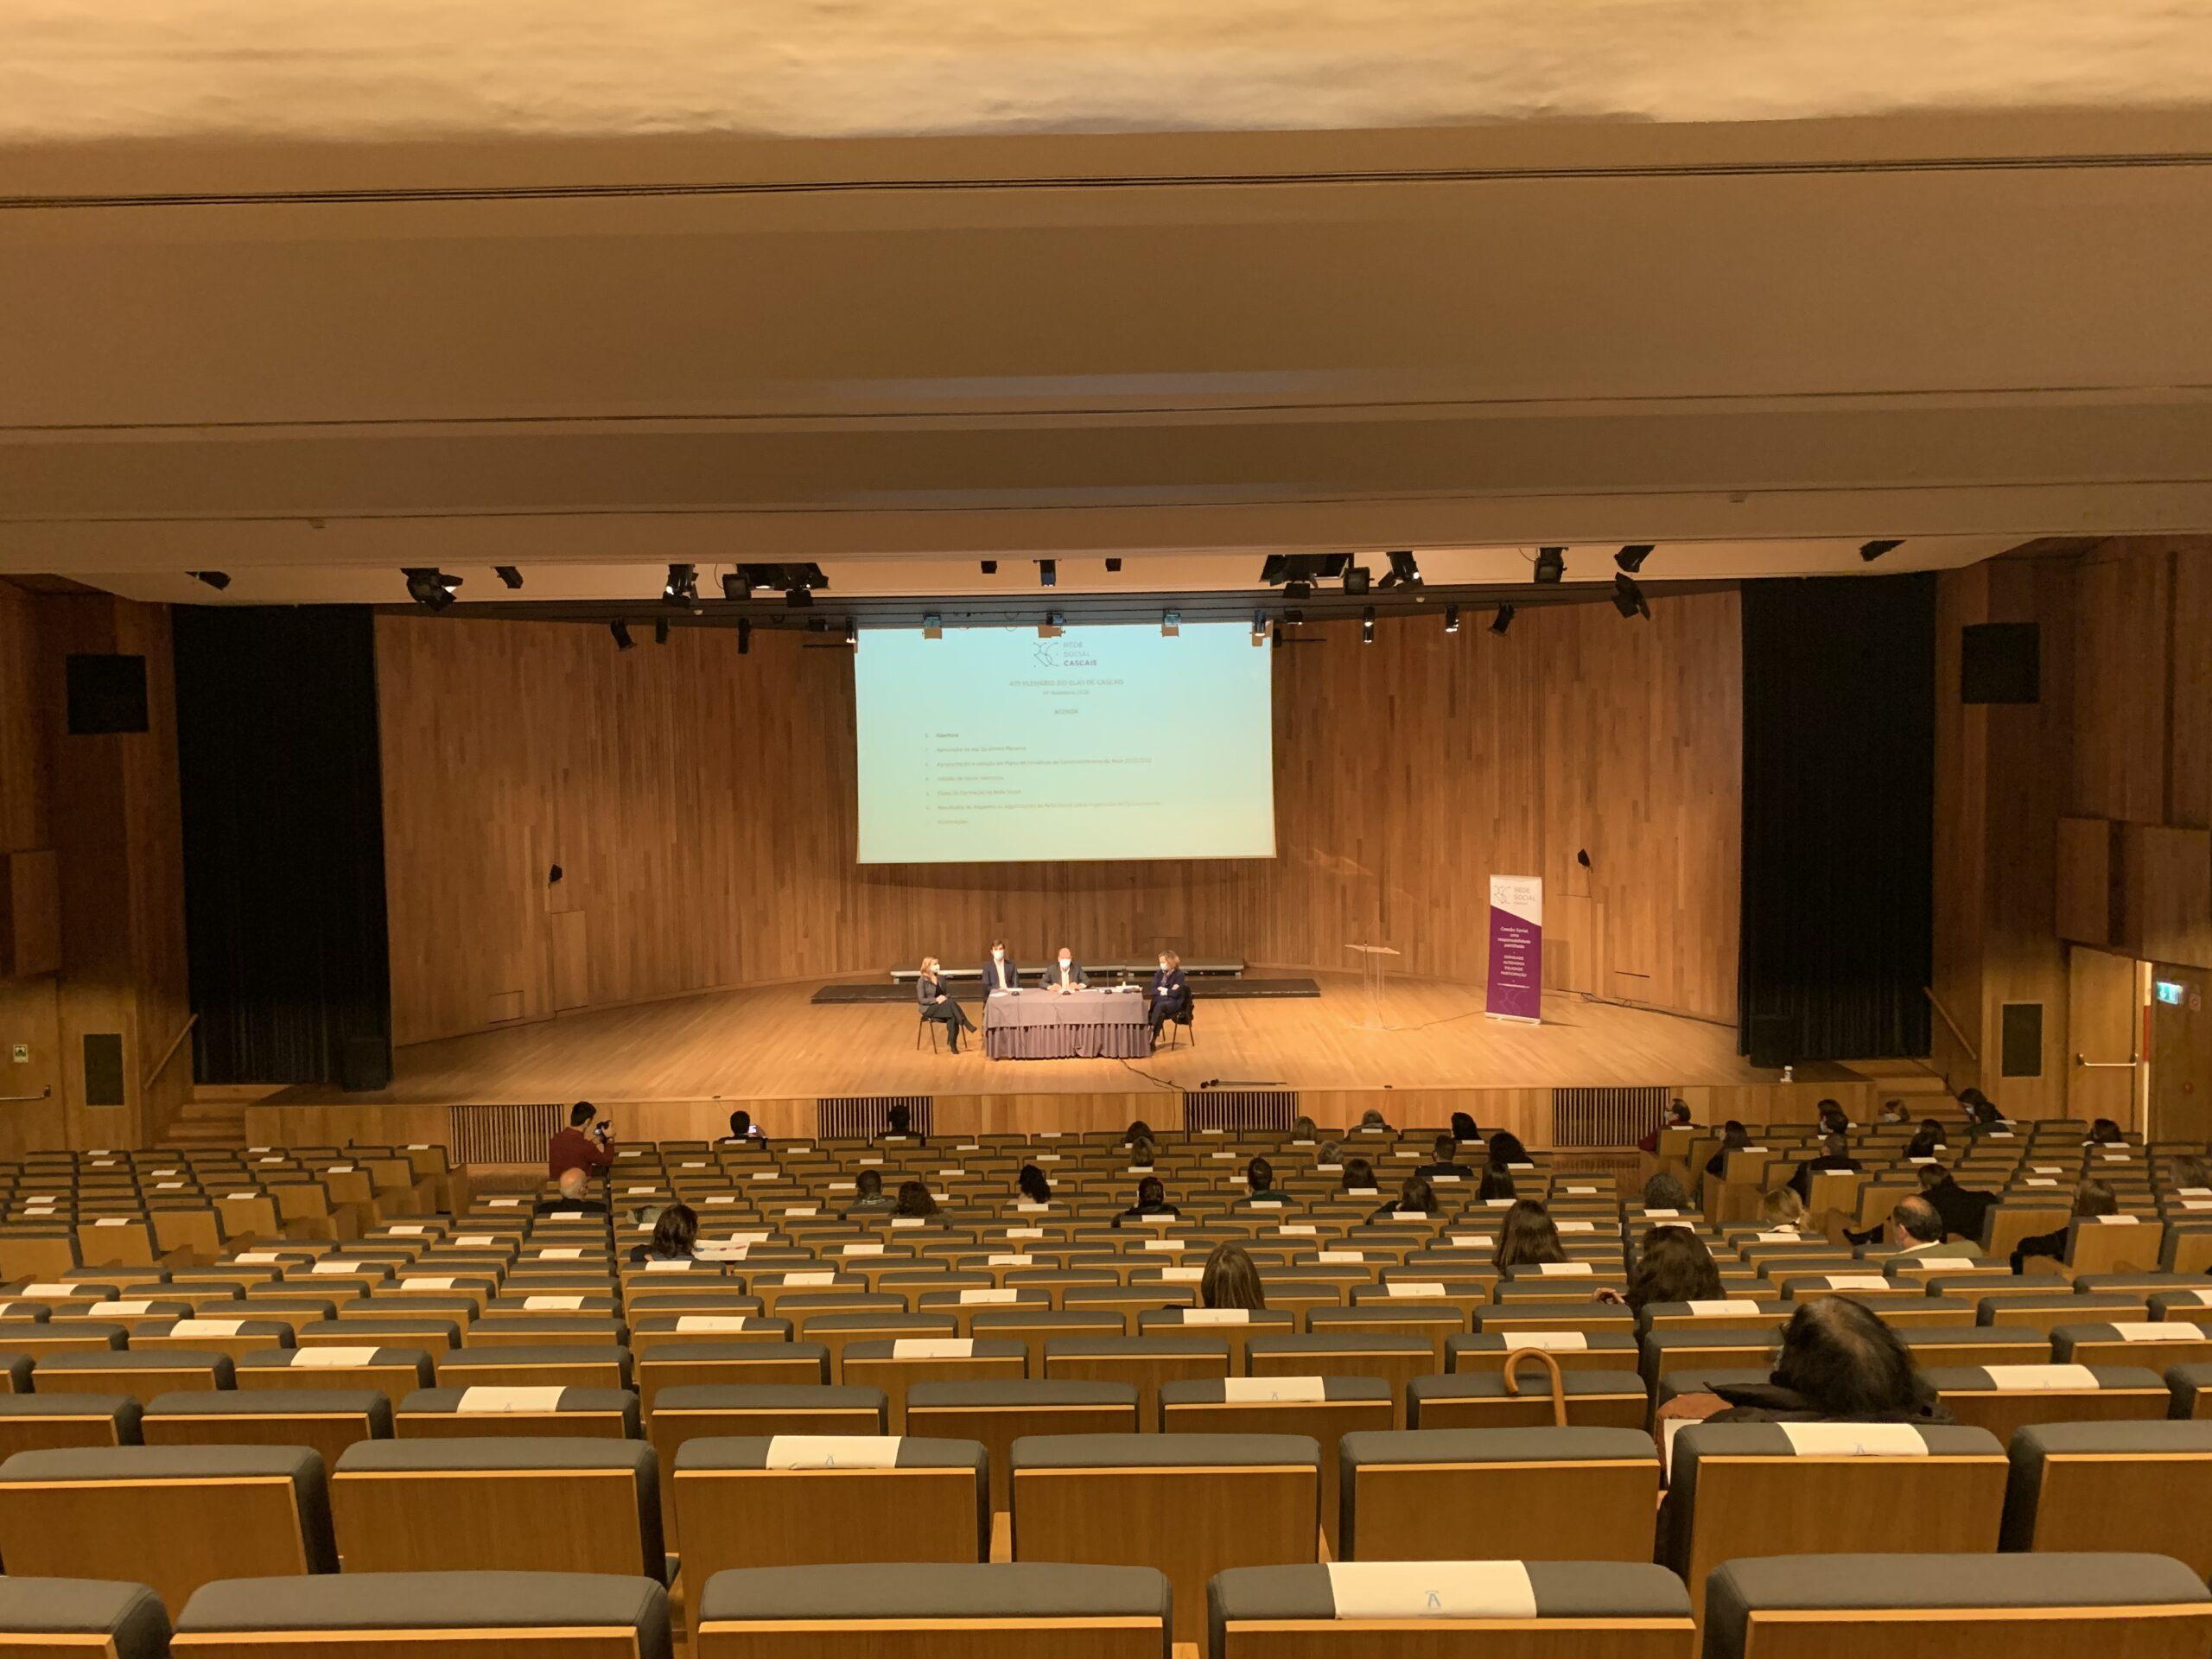 Visão geral do Auditório do Centro Paroquial da Boa Nova, no Estoril onde decorreu o CLAS 14 dez 2020